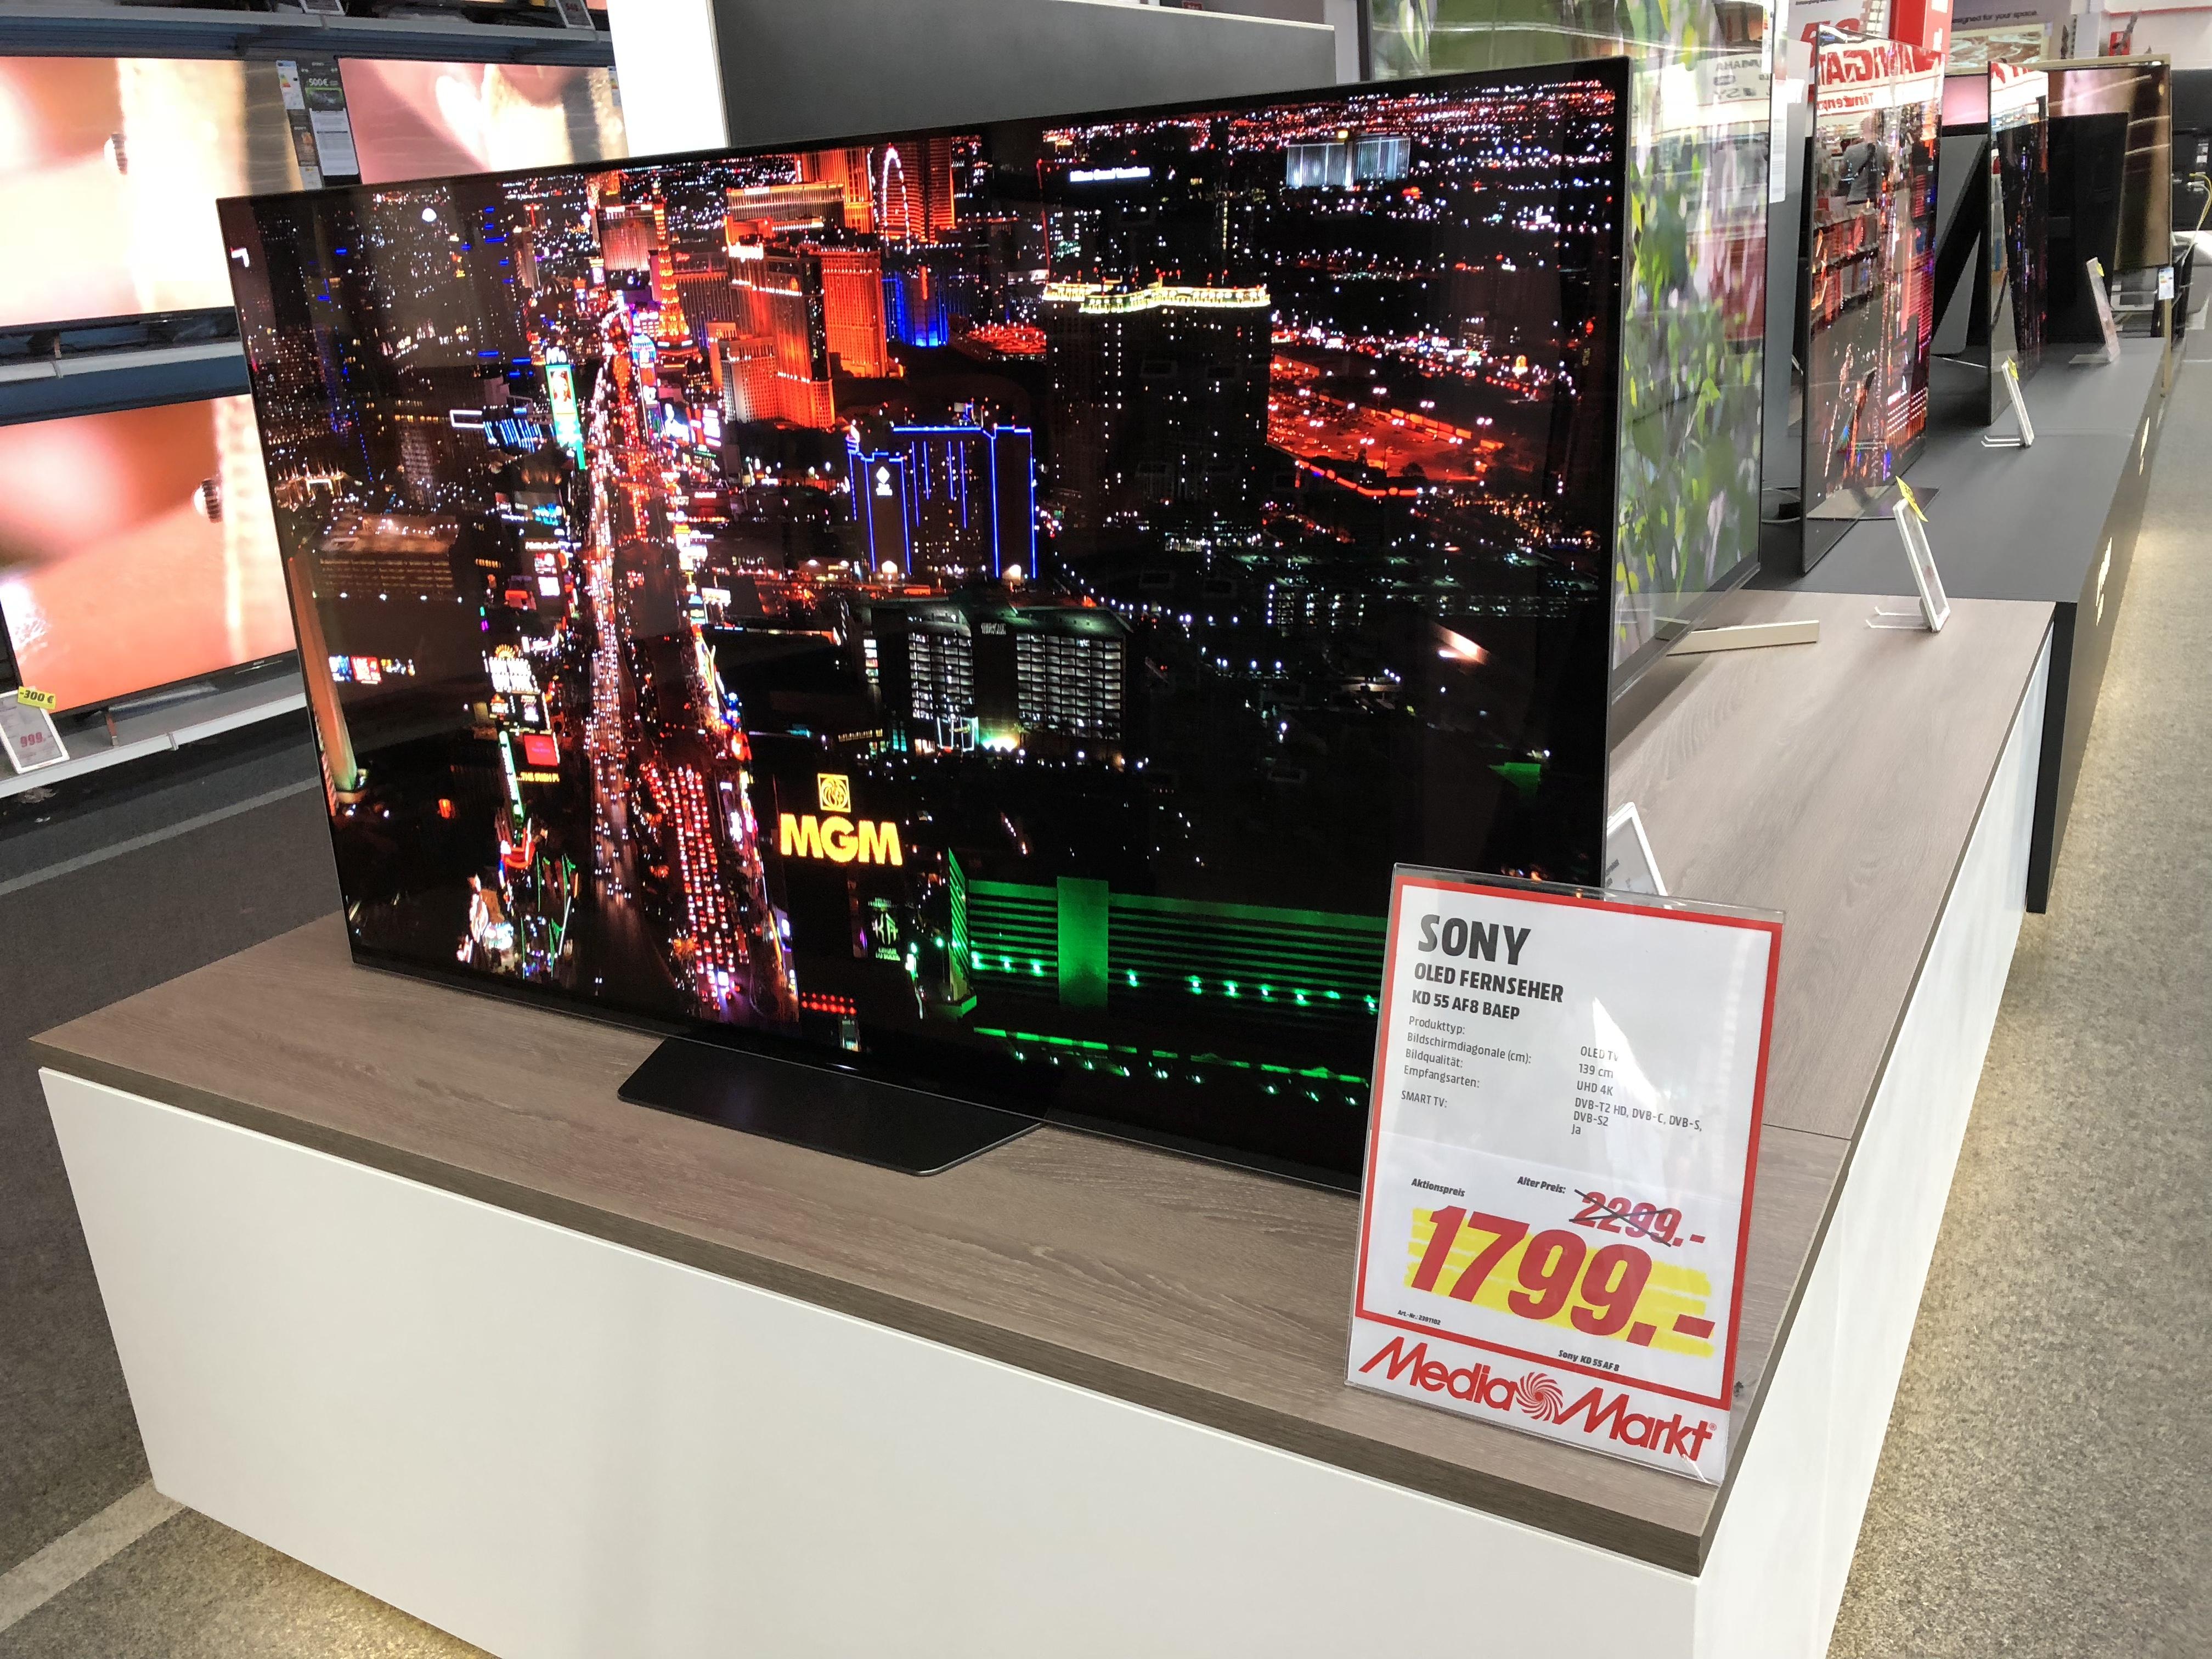 lokal media markt k ln arcaden sony oled tv kd 55af8. Black Bedroom Furniture Sets. Home Design Ideas